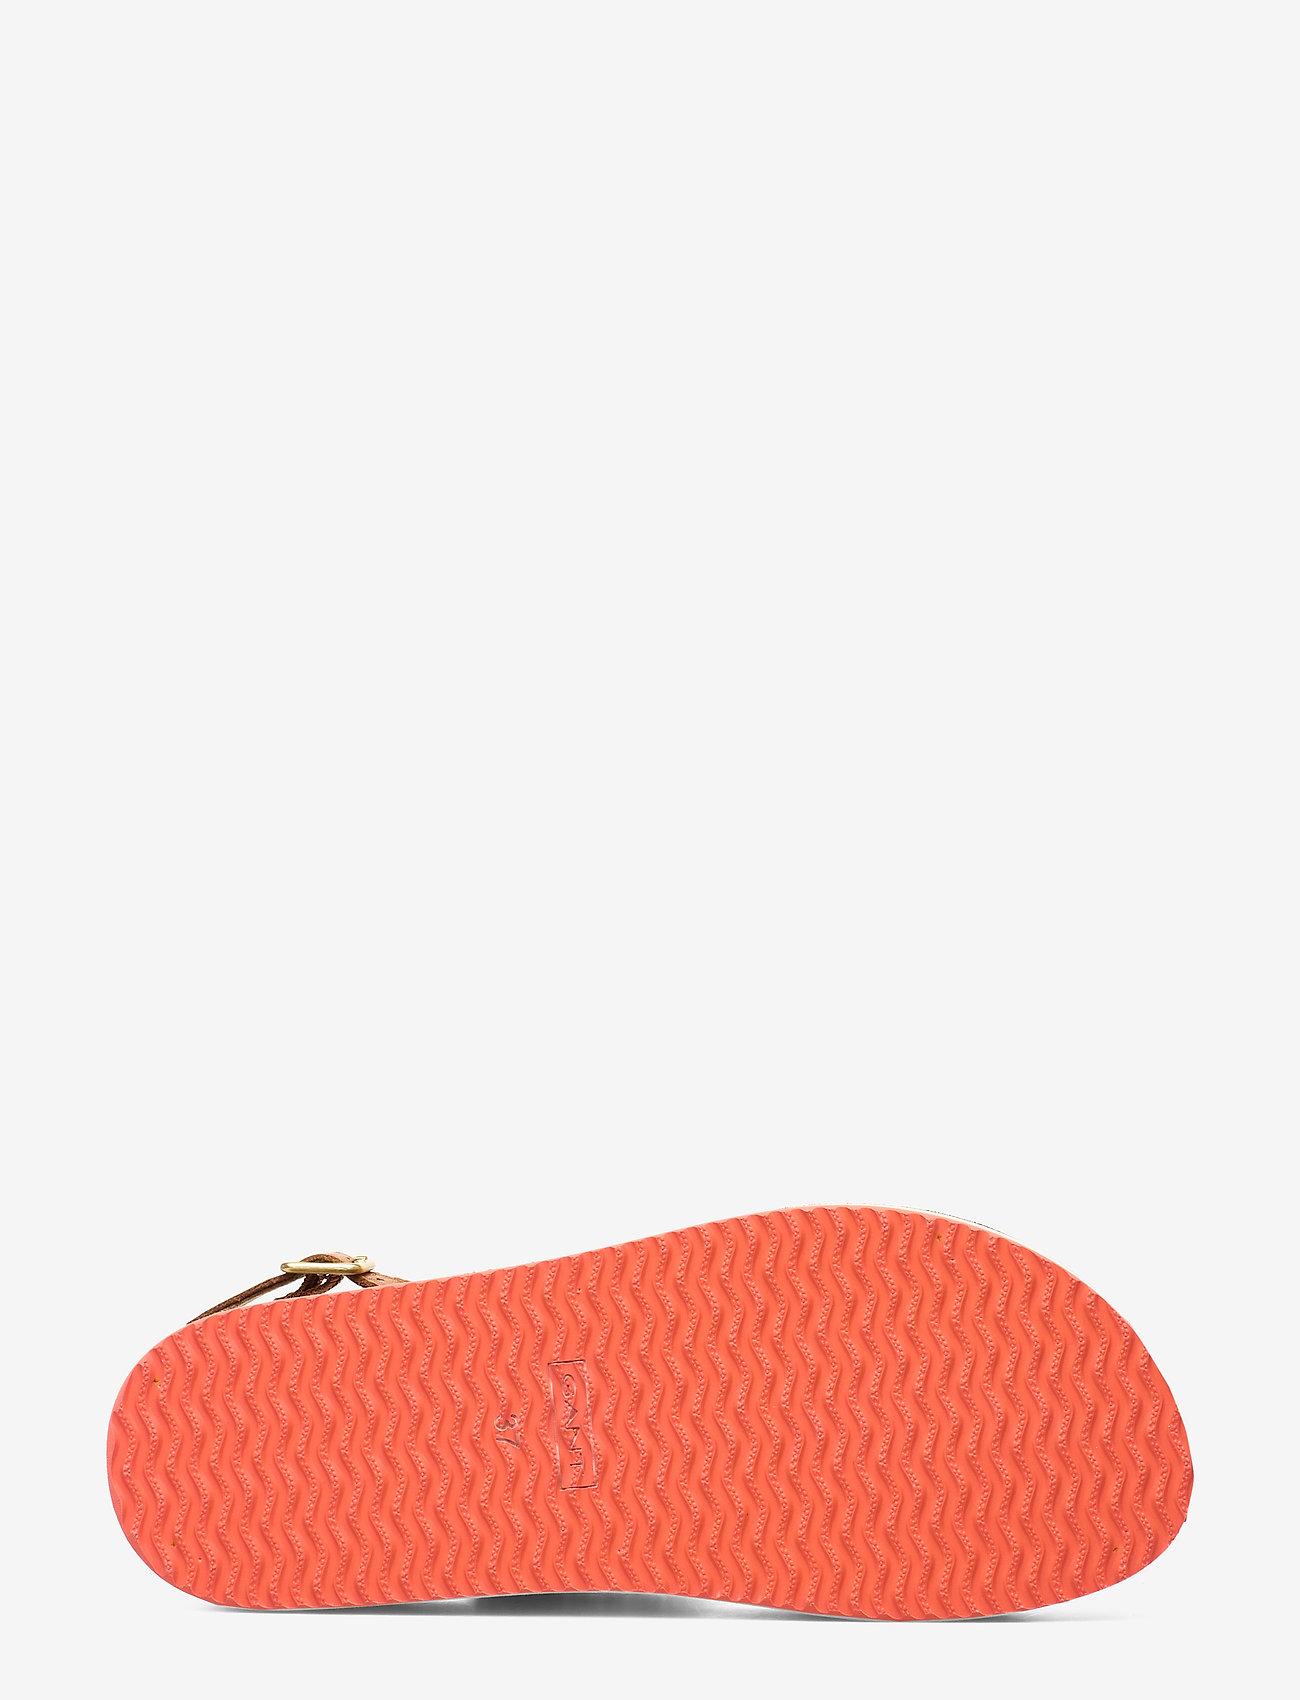 Midville Sandal (Cognac/coral) - GANT